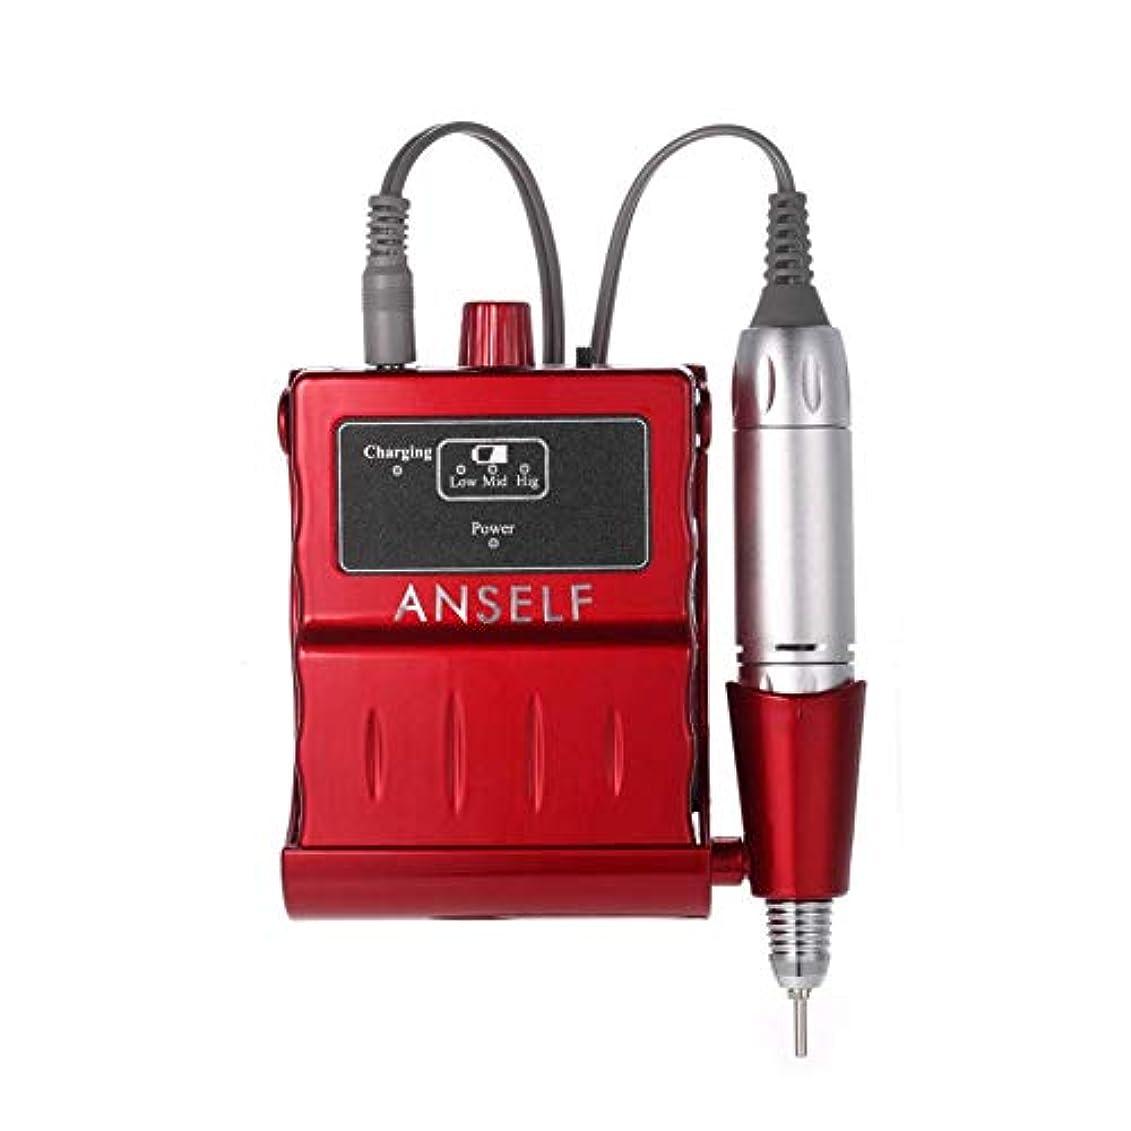 スクリーチパフ乱れ30000 rpm電動ネイルドリルマシン充電式アクリルマニキュアネイルドリルビットペディキュア&マニキュアキット、赤